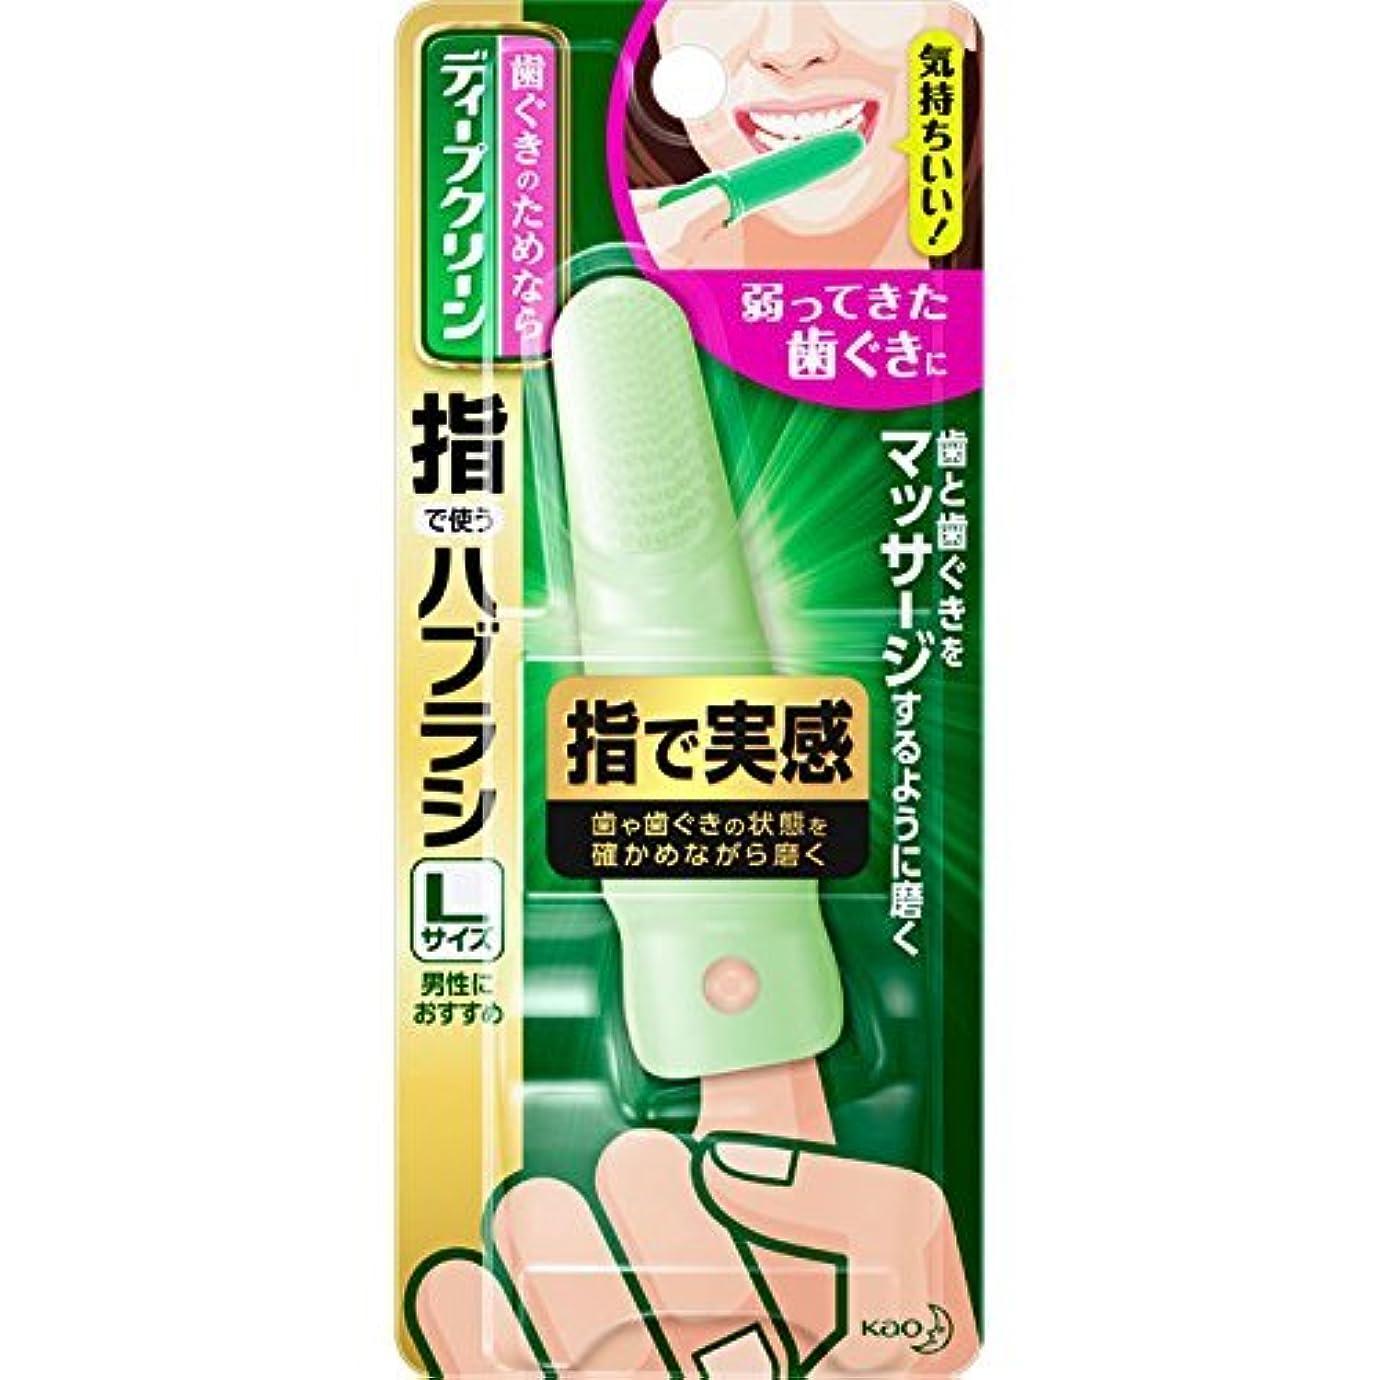 劣る死にかけている形成ディープクリーン 指で使うハブラシ Lサイズ (男性におすすめサイズ)